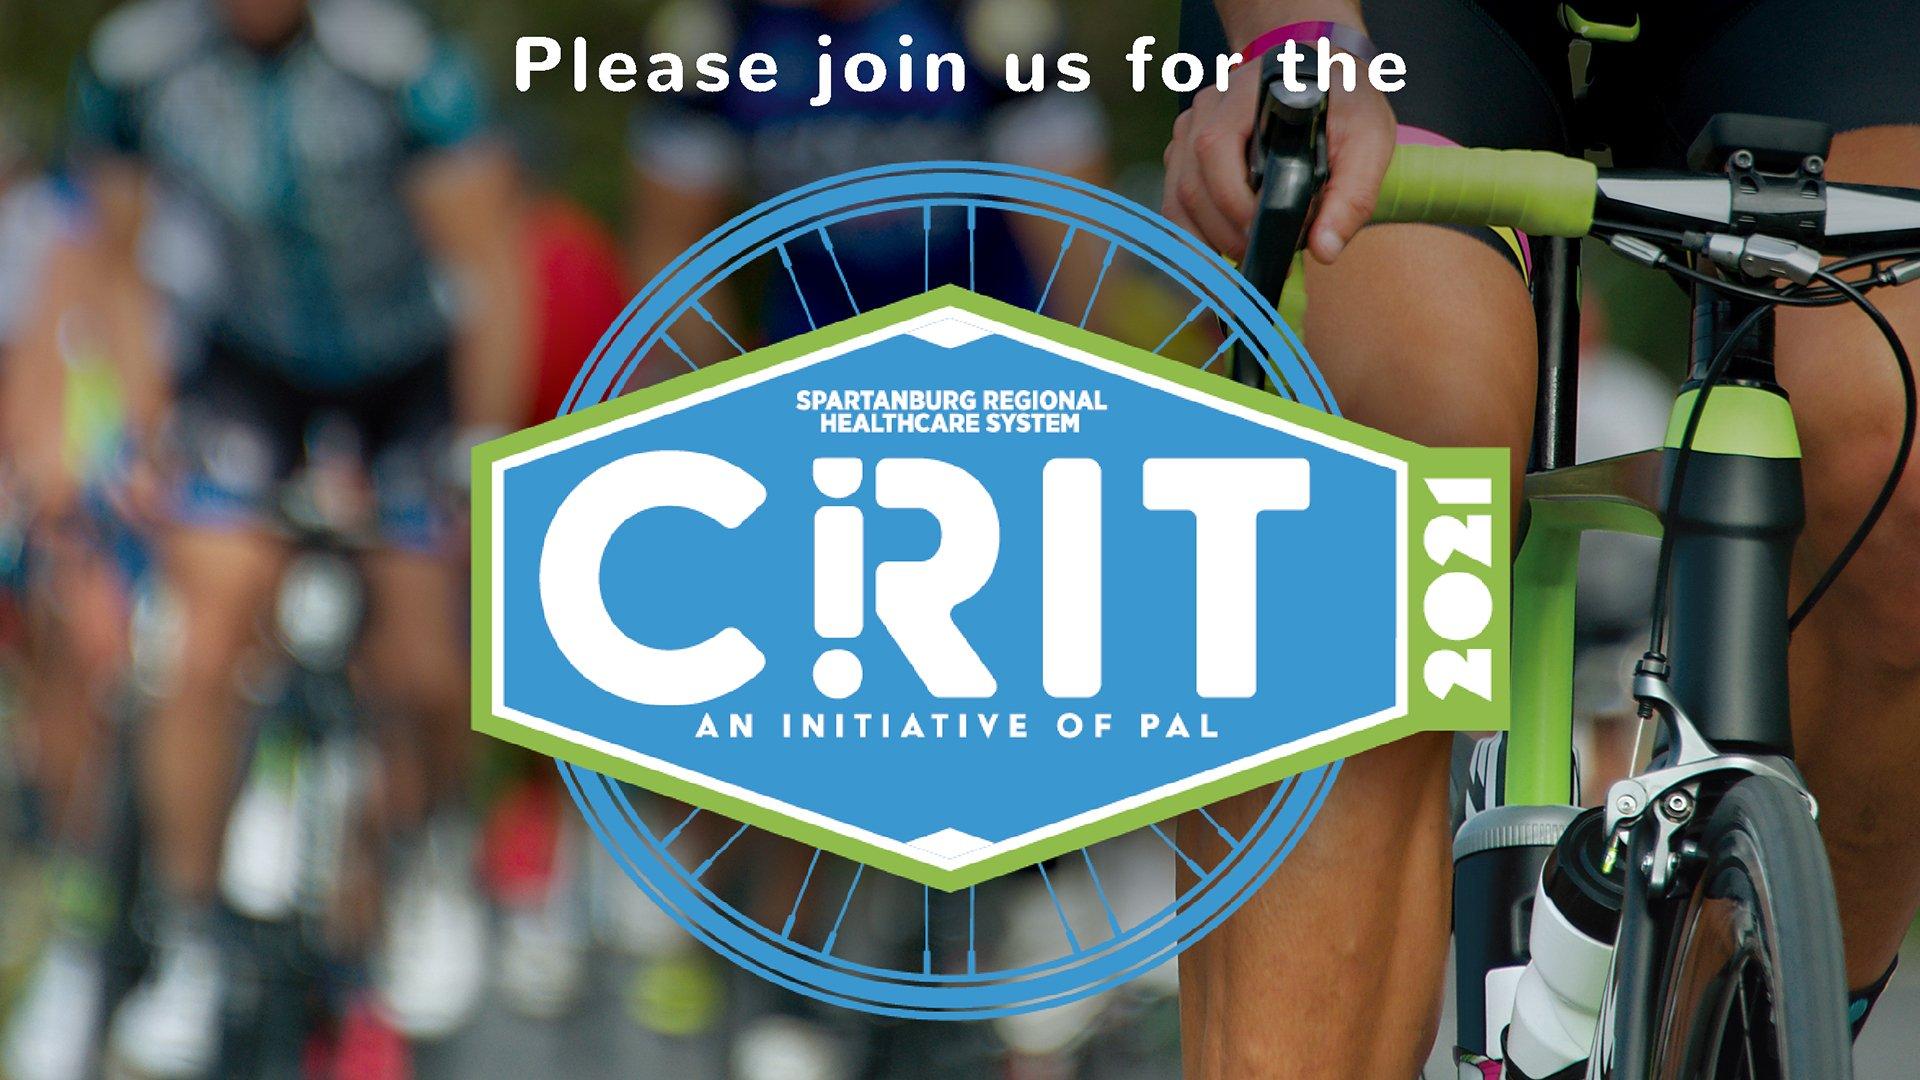 Spartanburg Criterium Bike Race Set to Roll Again August 20th, 2021